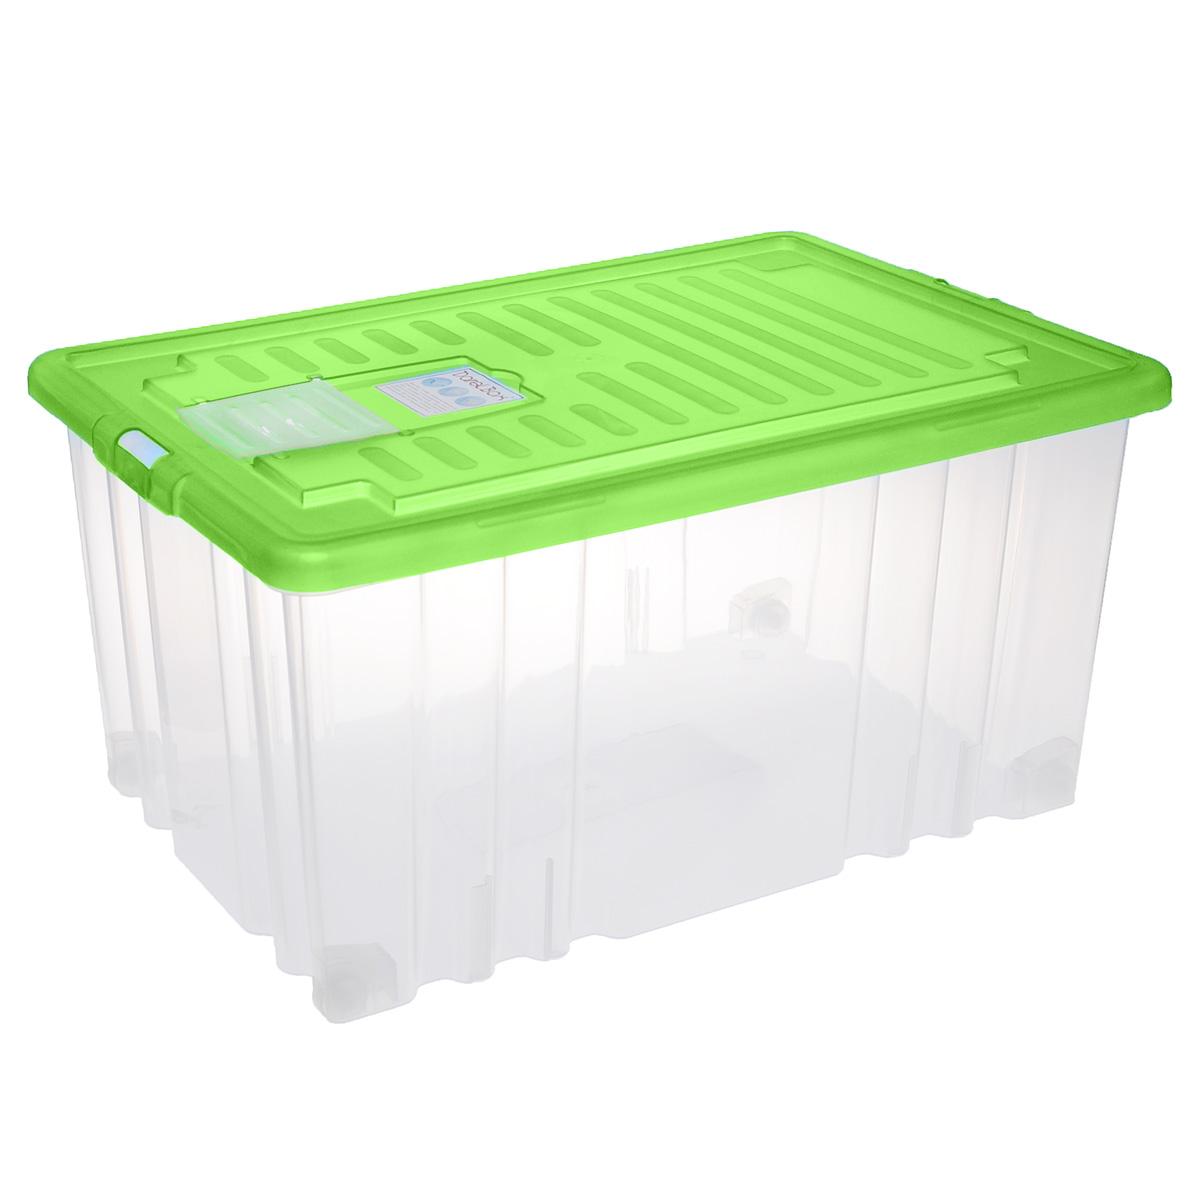 Ящик Darel Box, с крышкой, цвет: зеленый, прозрачный, 56 лЯФ0156Ящик Darel Box, изготовленный из прозрачного пластика, оснащен плотно закрывающейся крышкой и специальным клапаном для антимолиевых и дезодорирующих веществ. Изделие предназначено для хранения различных бытовых вещей. Идеально подойдет для хранения белья, продуктов, игрушек. Будет незаменим на даче, в гараже или кладовой. Выдерживает температурные перепады от -25°С до +95°С. Изделие имеет четыре маленьких колесика, обеспечивающих удобство перемещения ящика. Колеса бокса могут принимать два положения: утопленное - для хранения, и рабочее - для перемещения. Размер ящика: 60 см х 40 см х 31 см.